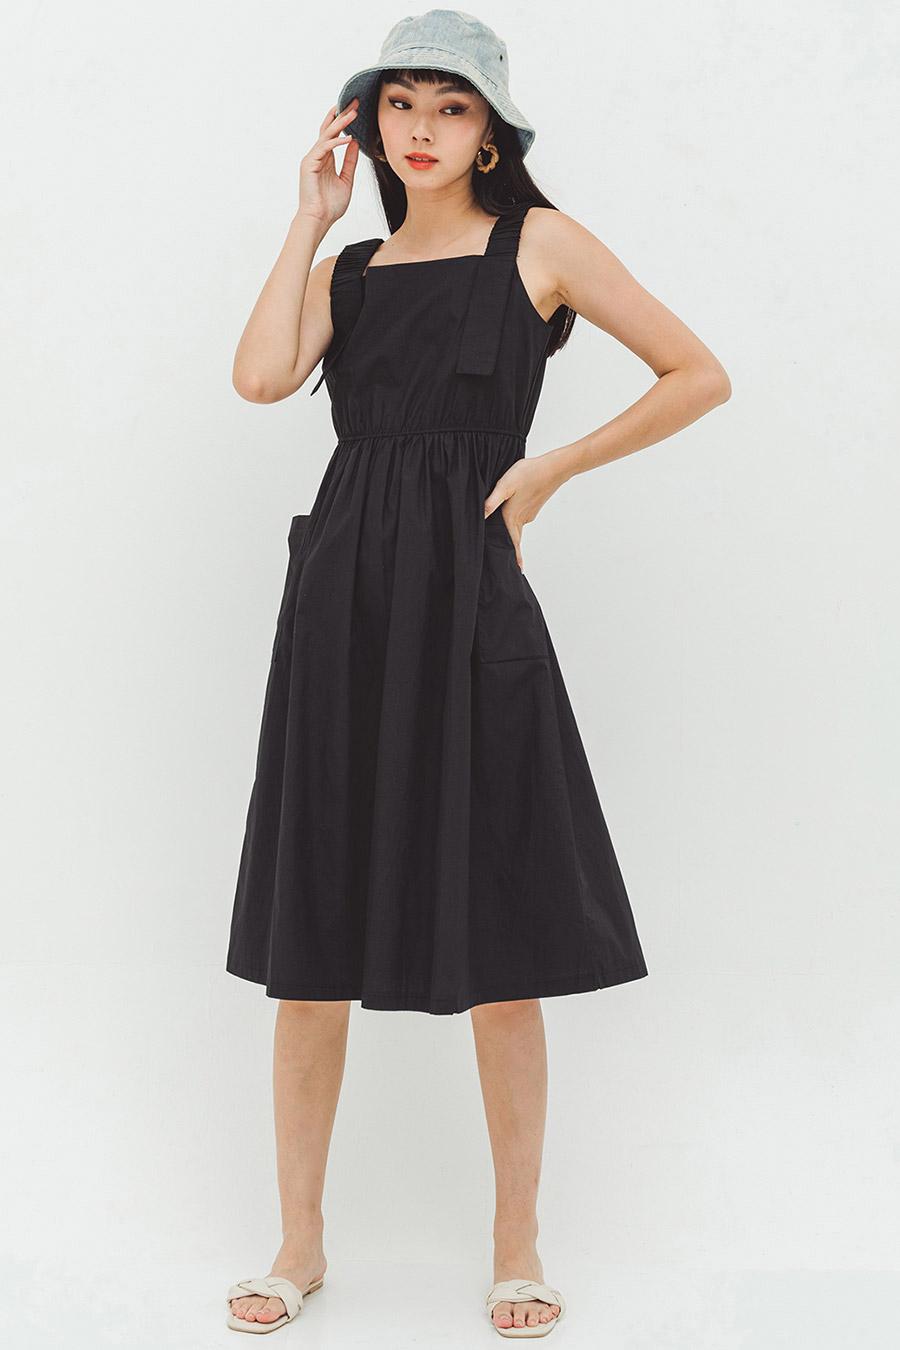 HEFINA DRESS - NOIR